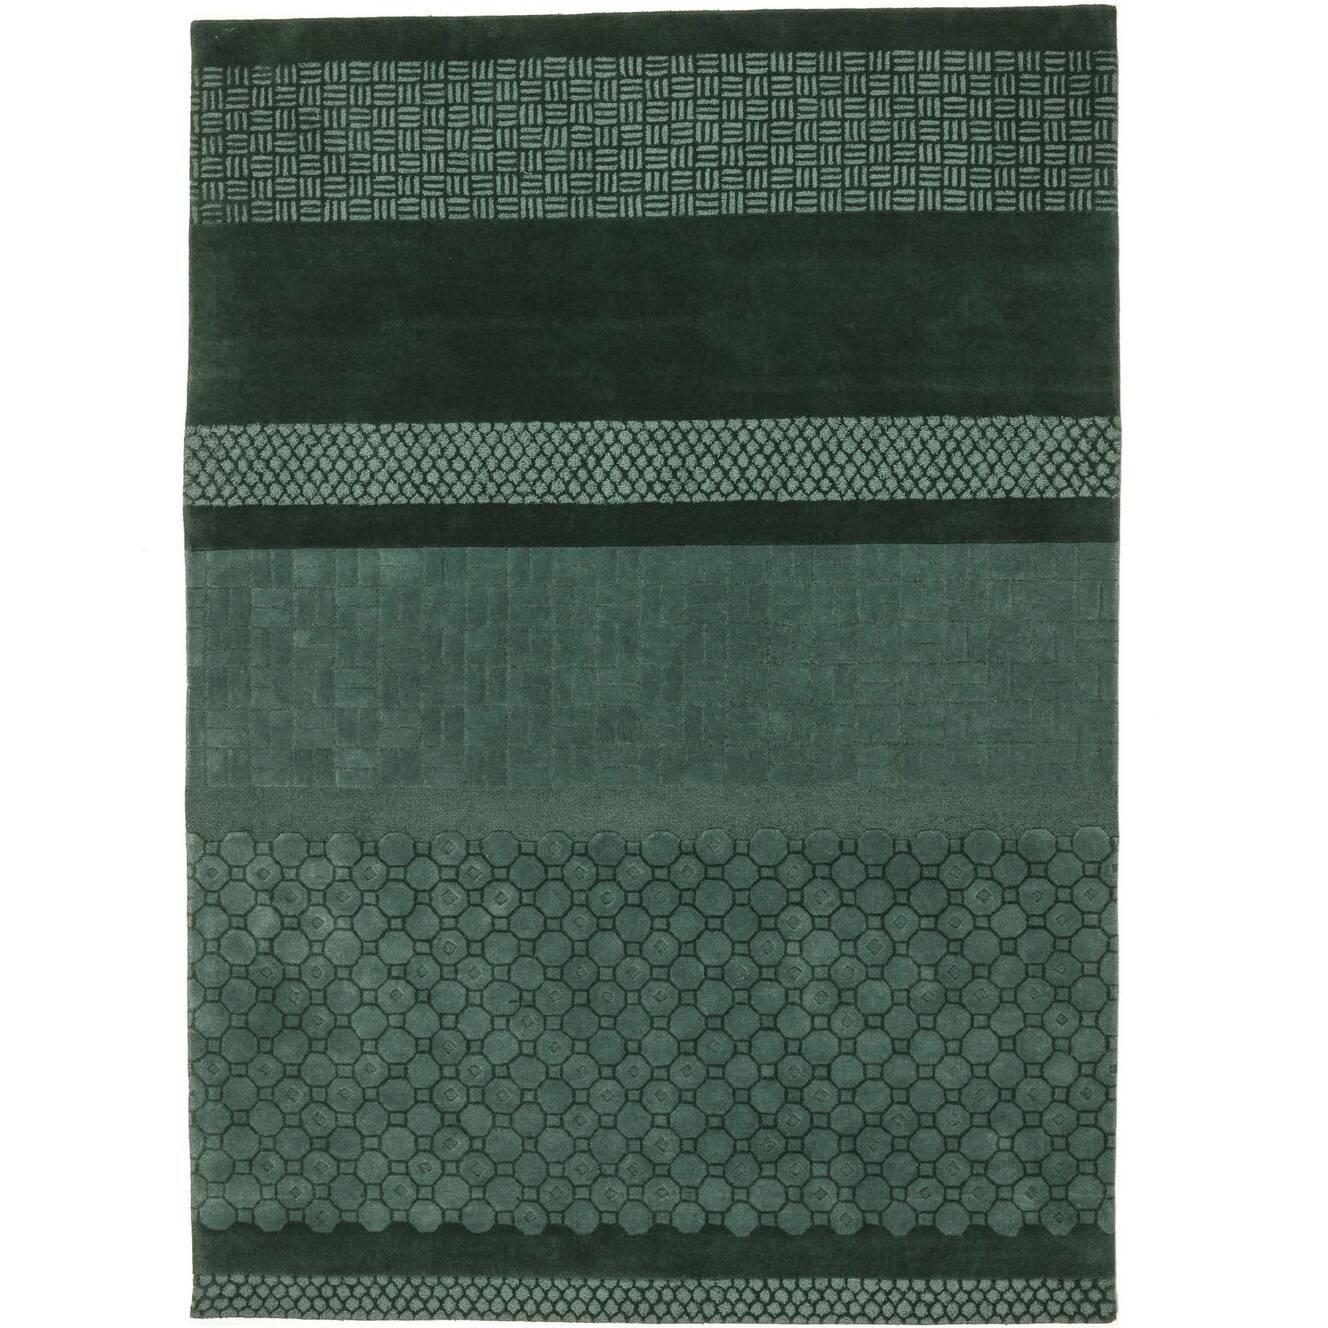 Celadon Jie Hand-Tufted Wool Area Rug by Neri & Hu Large